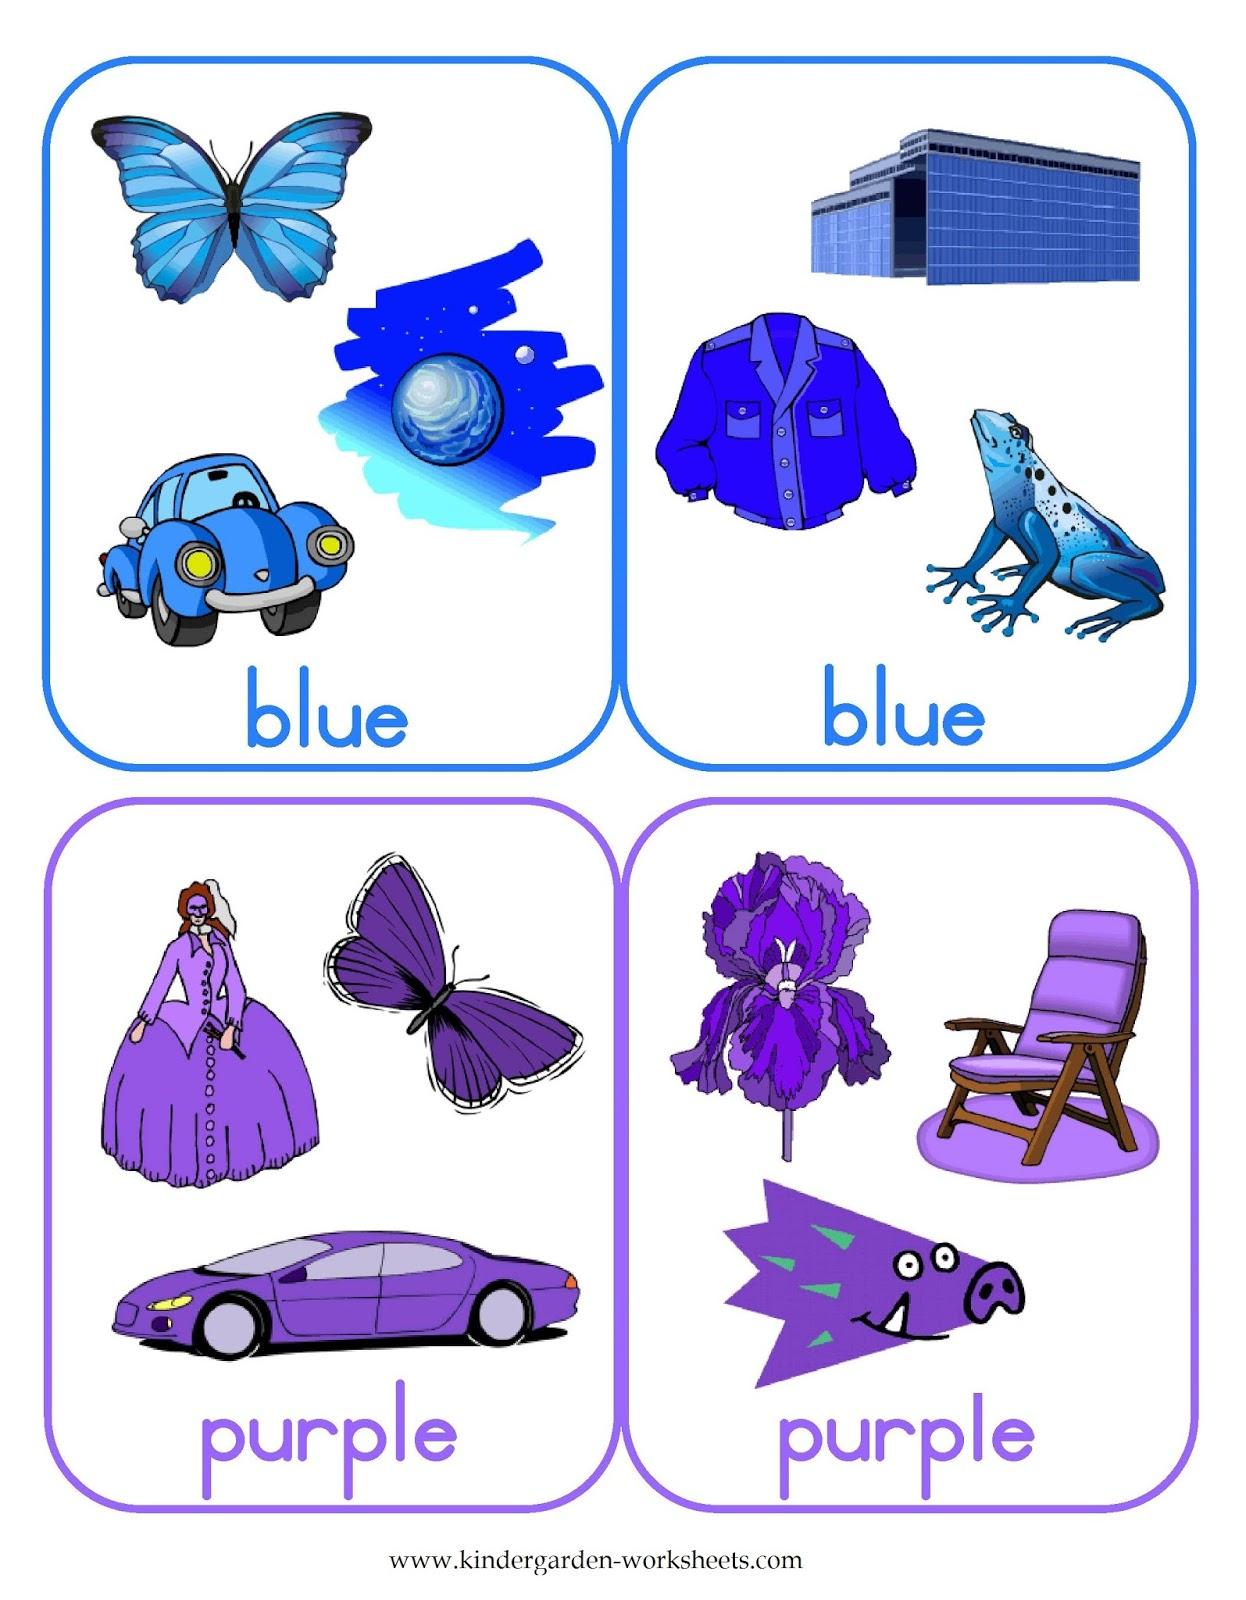 kindergarten worksheets flashcards color cards